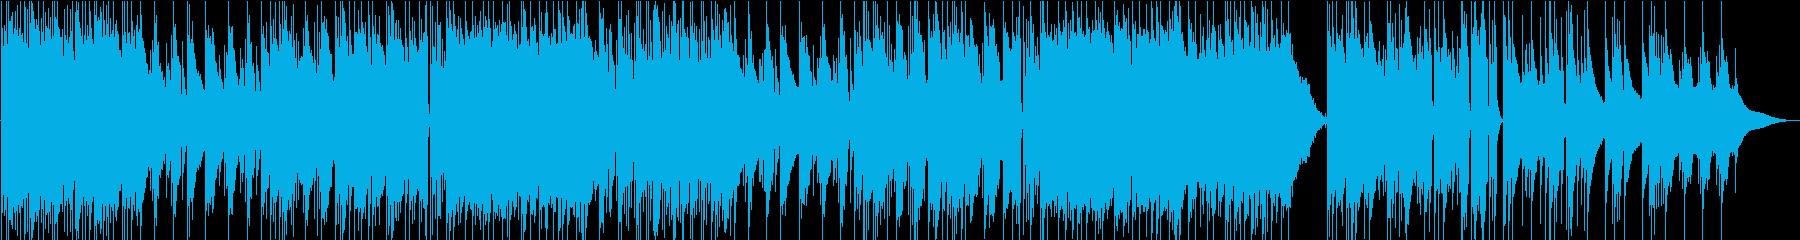 しっとり切ないエレピの美しいBGMの再生済みの波形